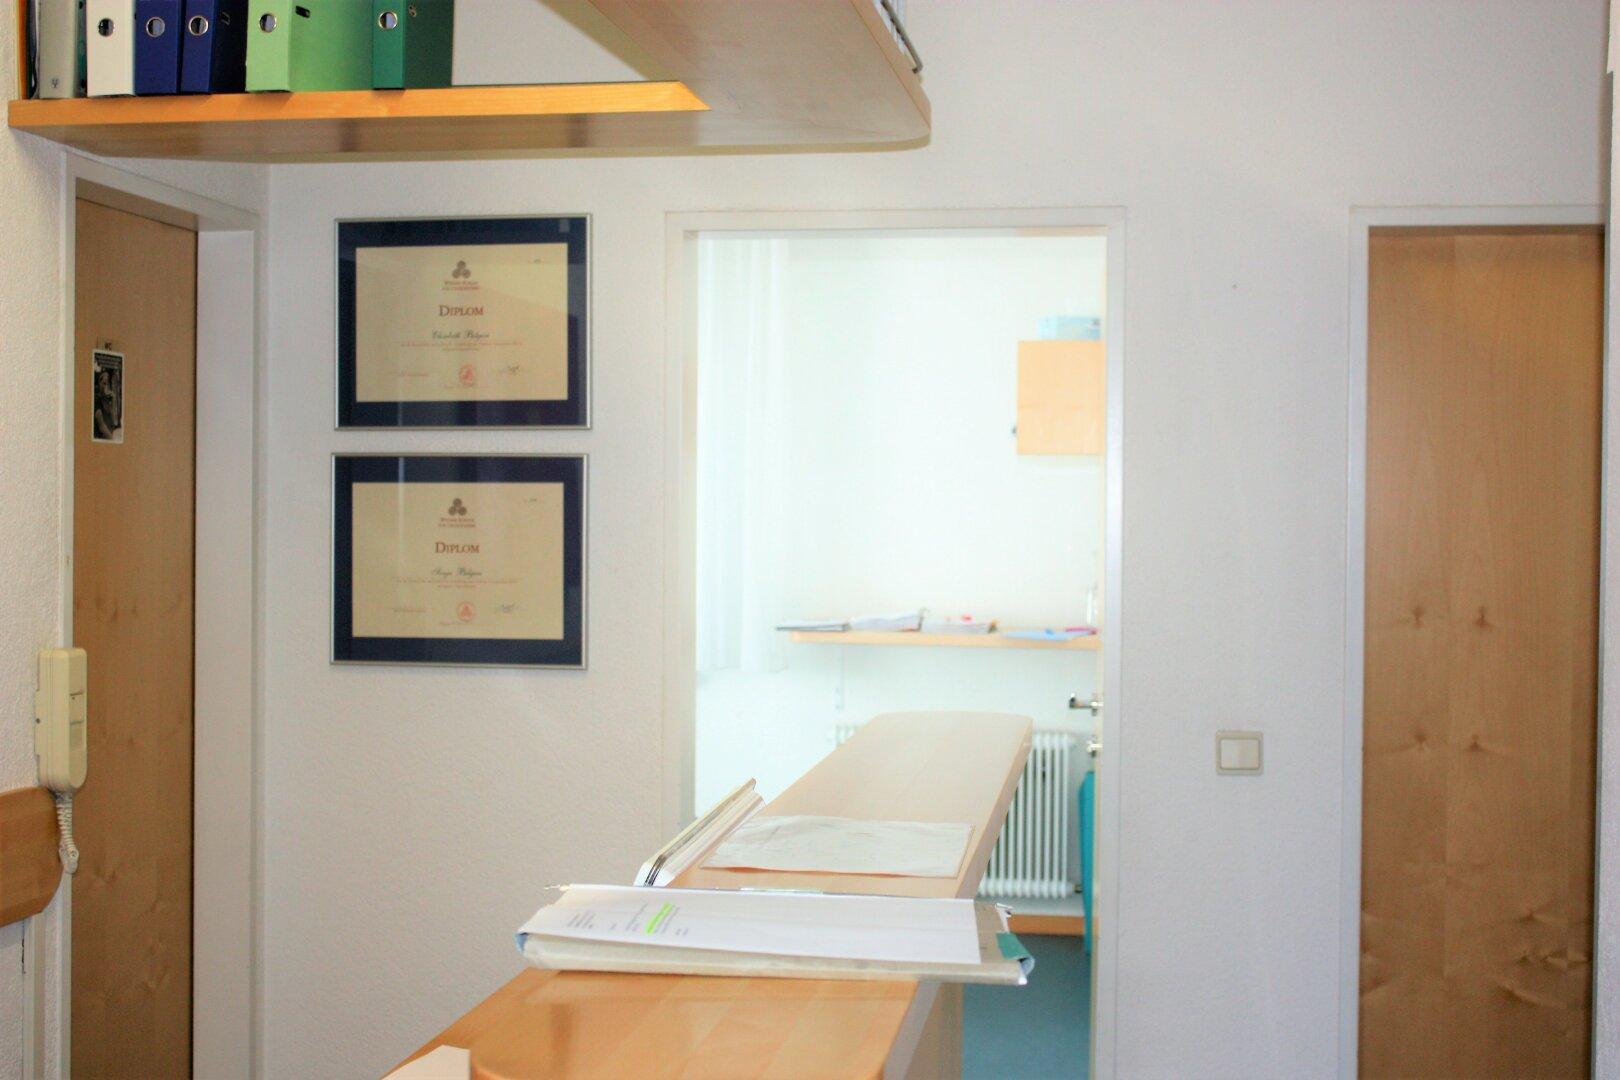 schöner Empfangsbereich, hochwertige Möbel